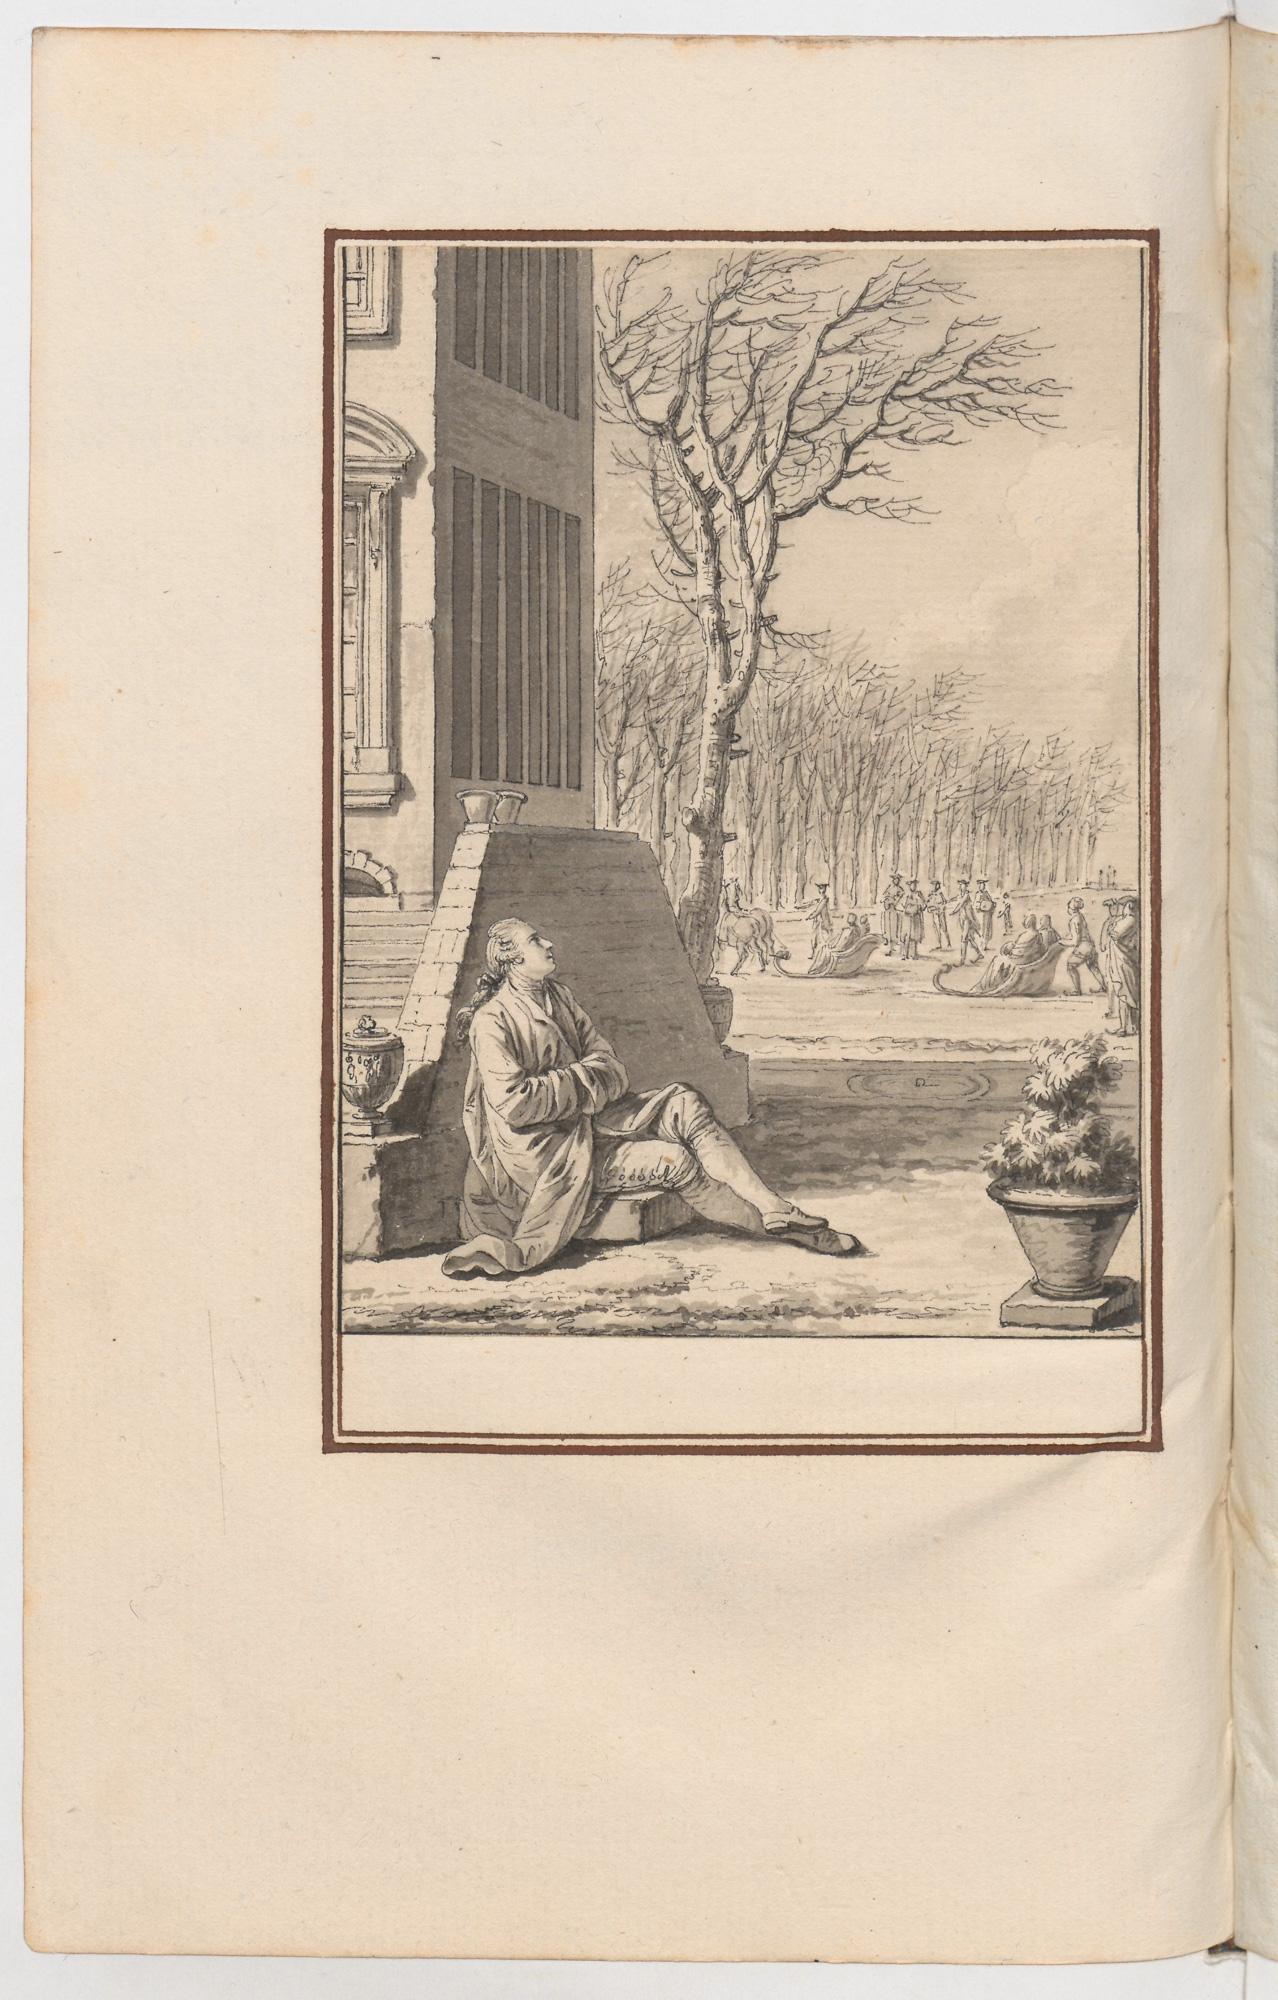 S.4.19 Le pouvoir de l'amour, Chantilly, Image